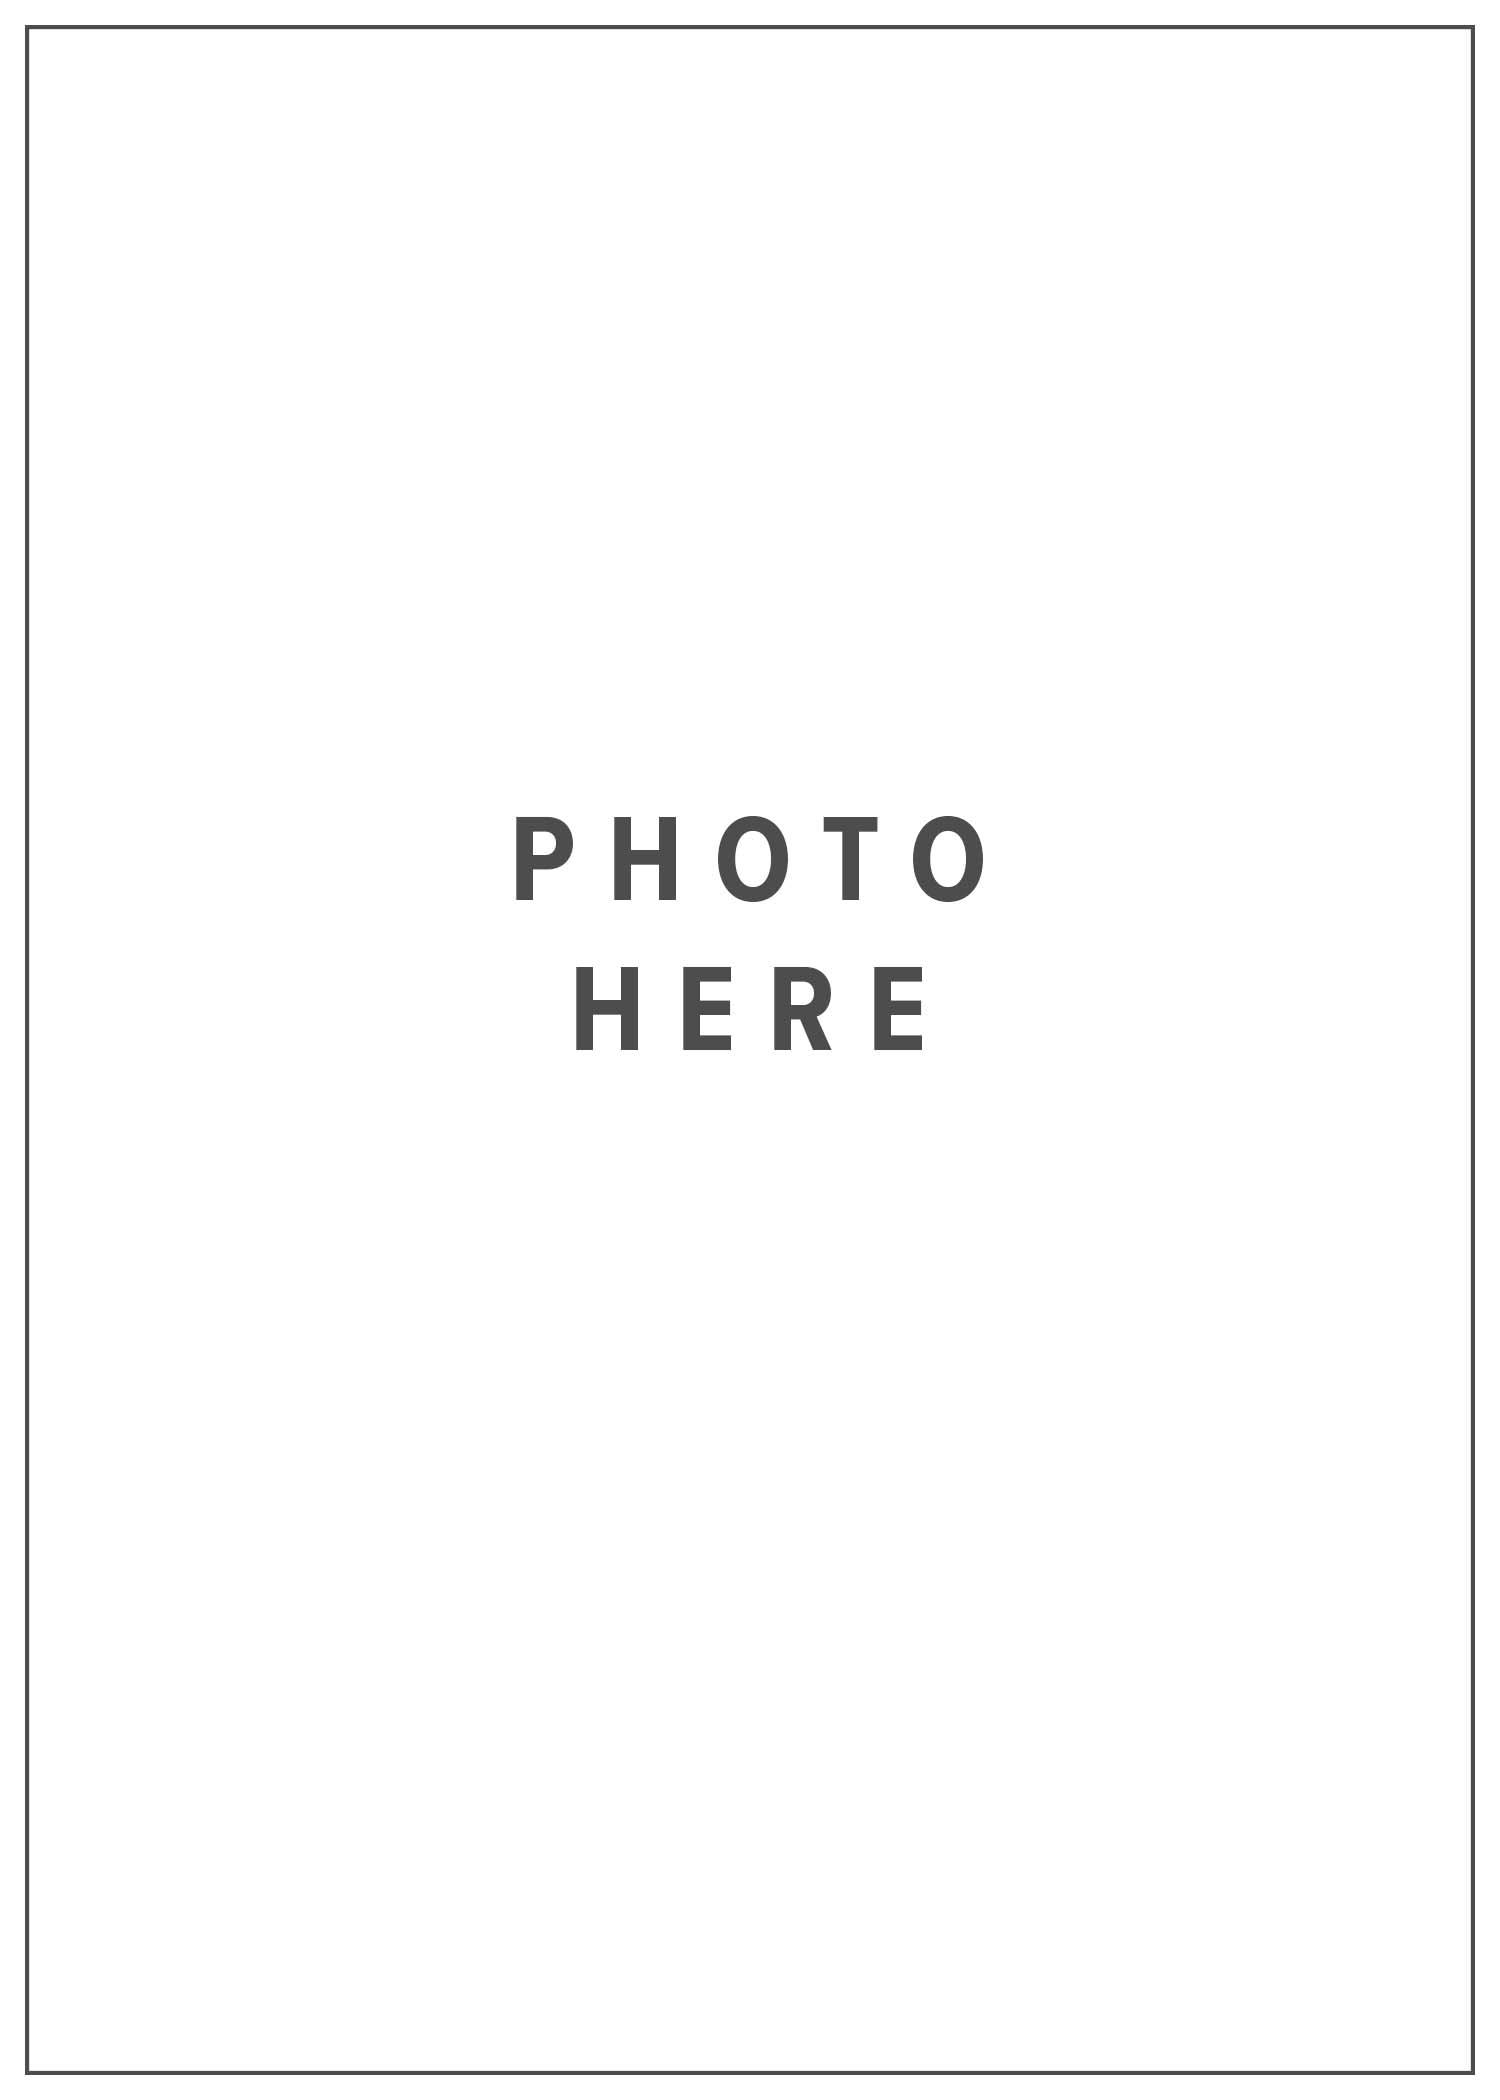 photohere